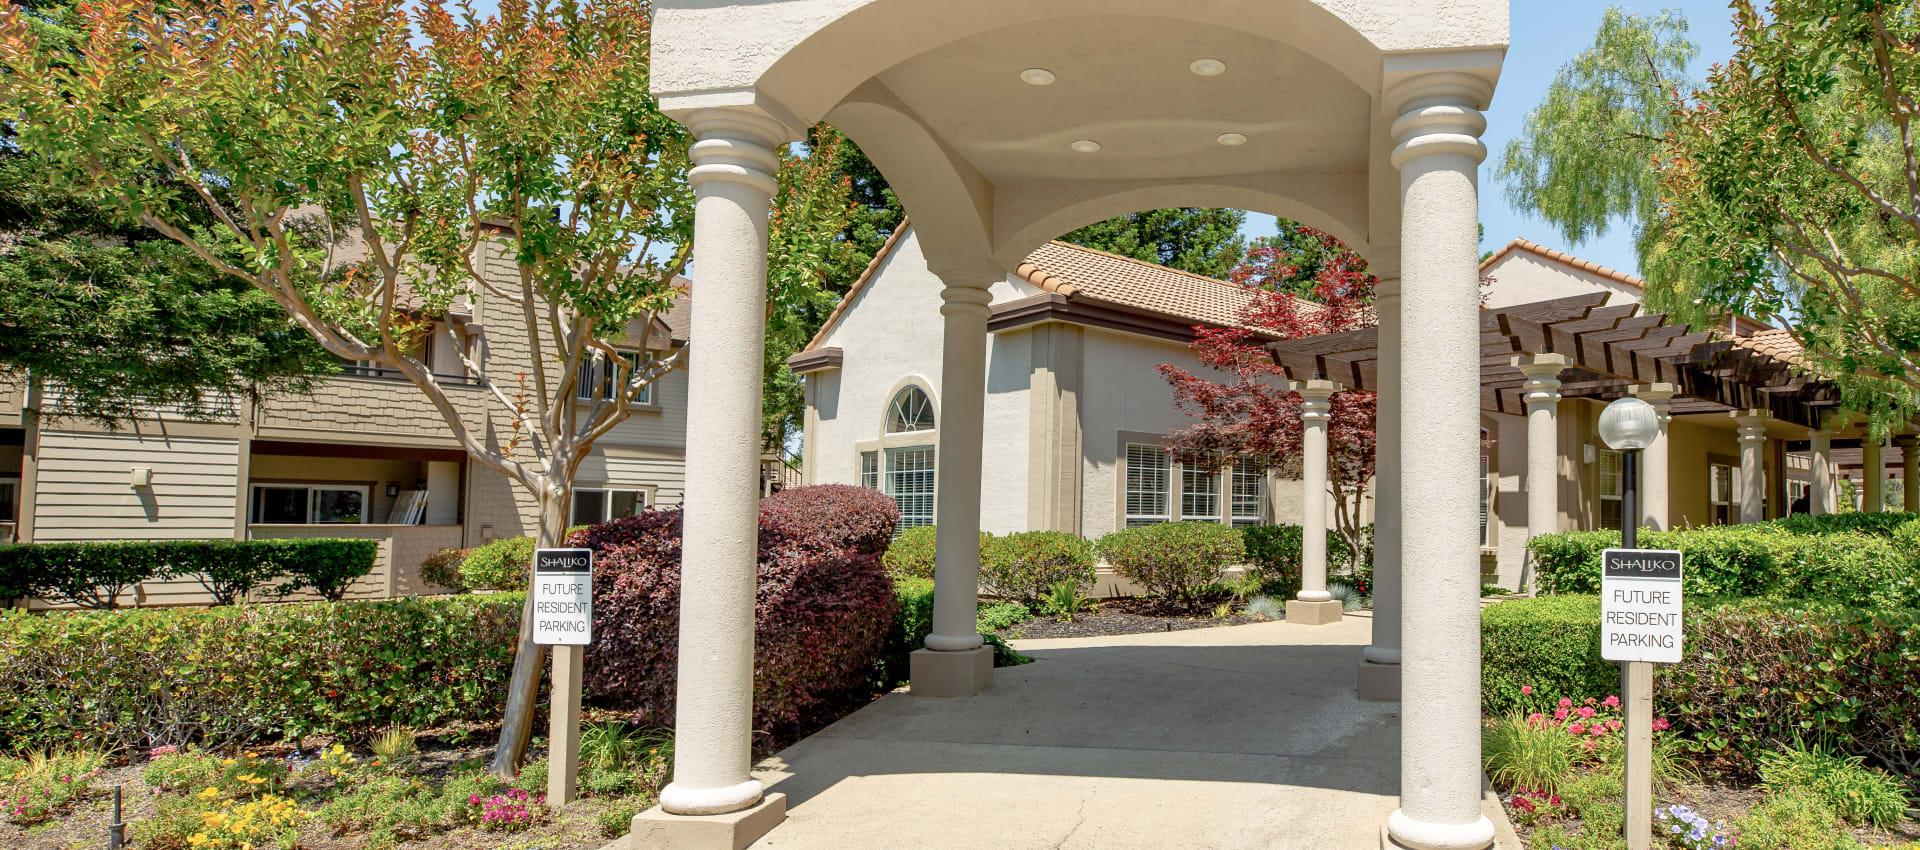 Exterior view at Shaliko in Rocklin, California.